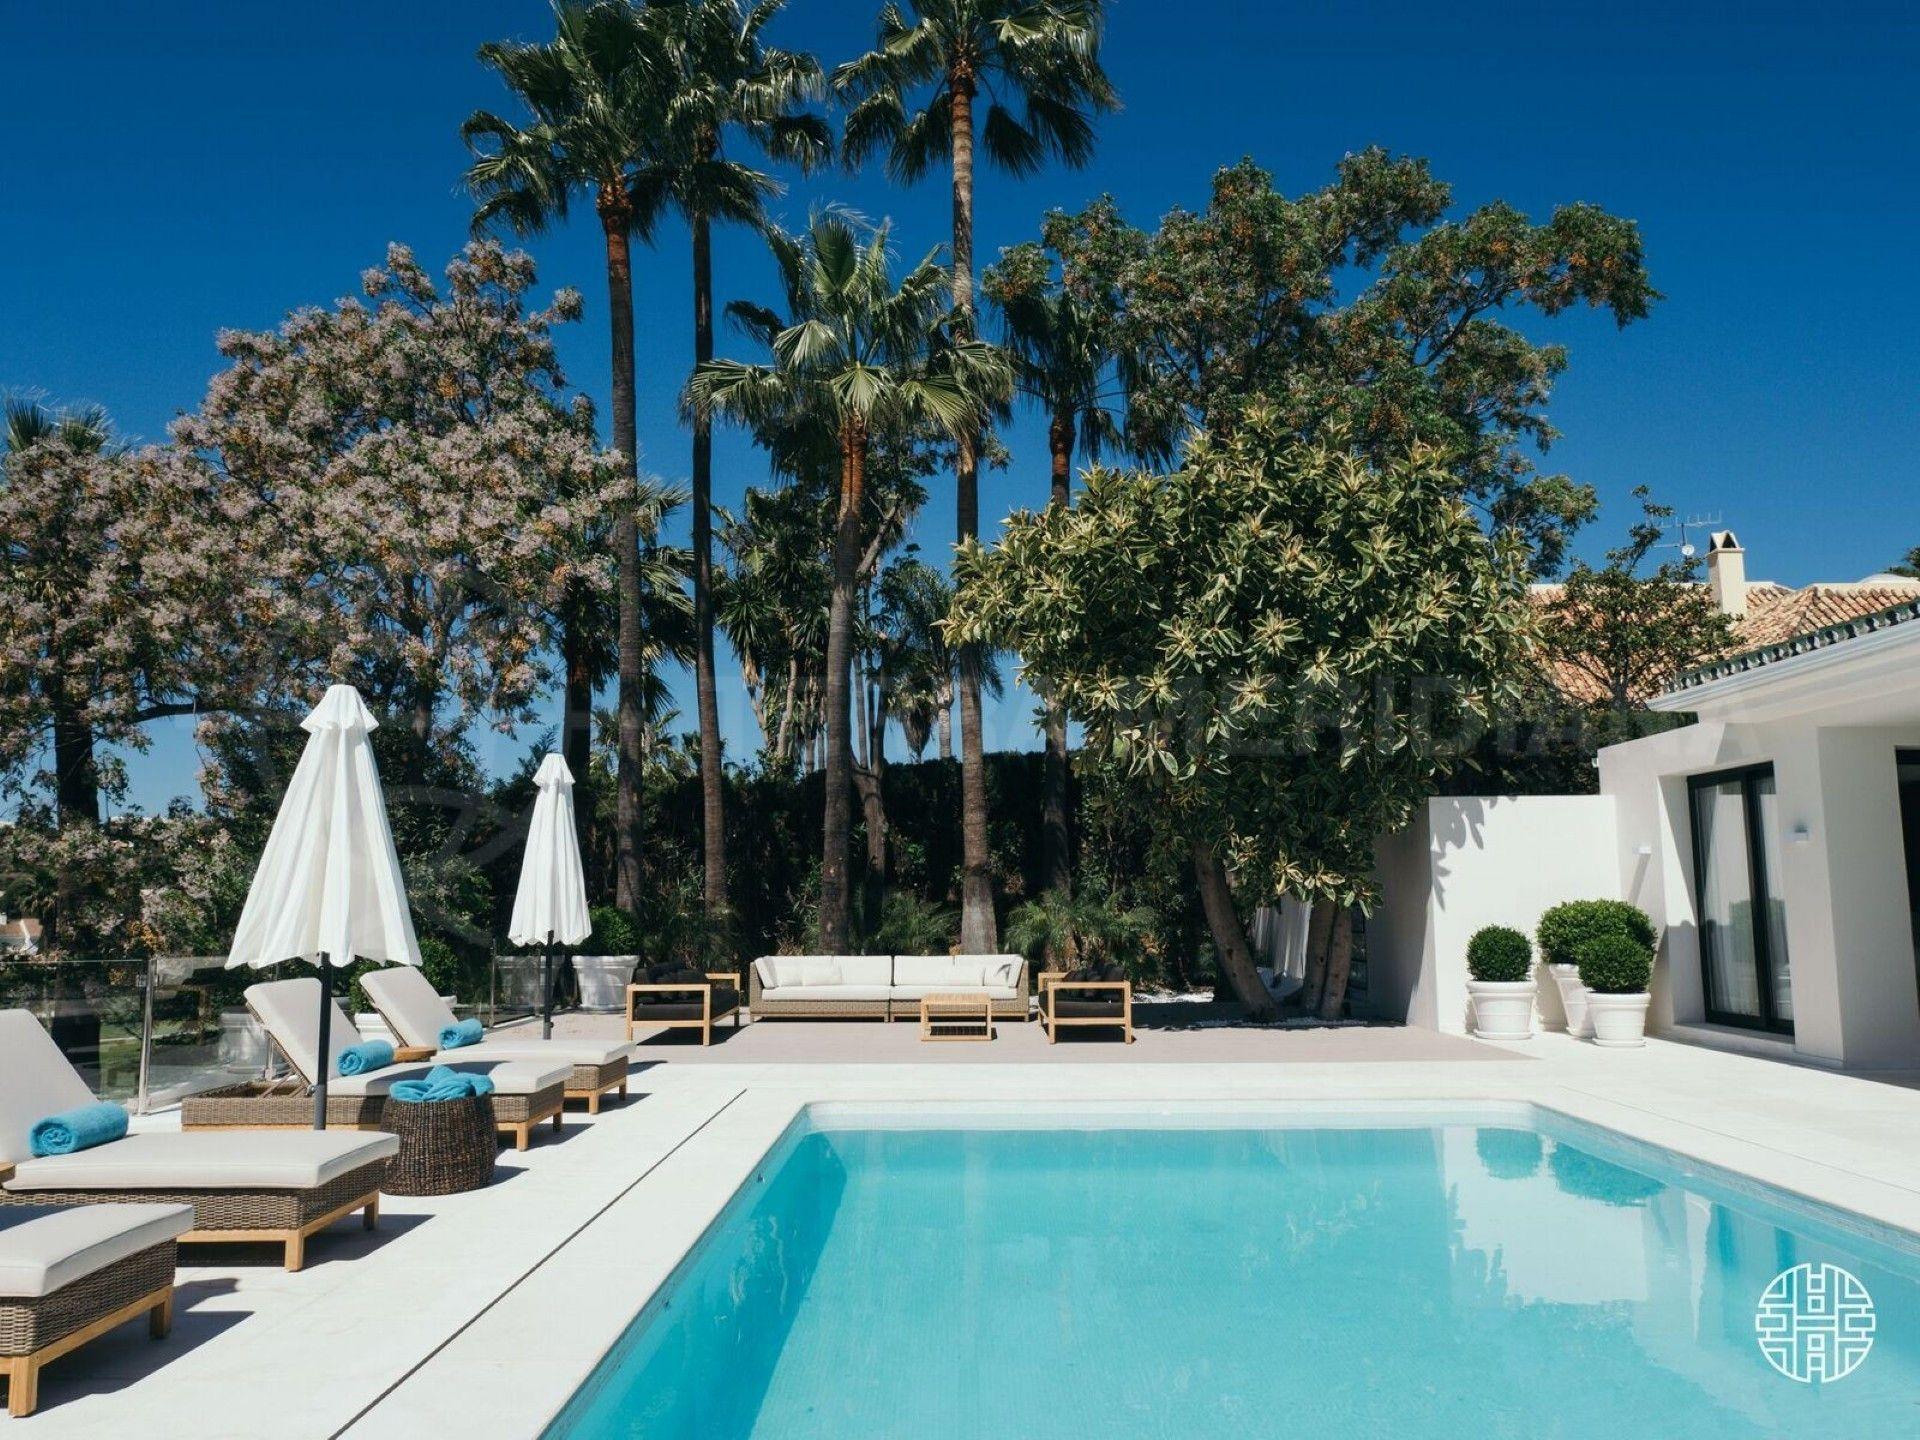 Alquiler de propiedades en España